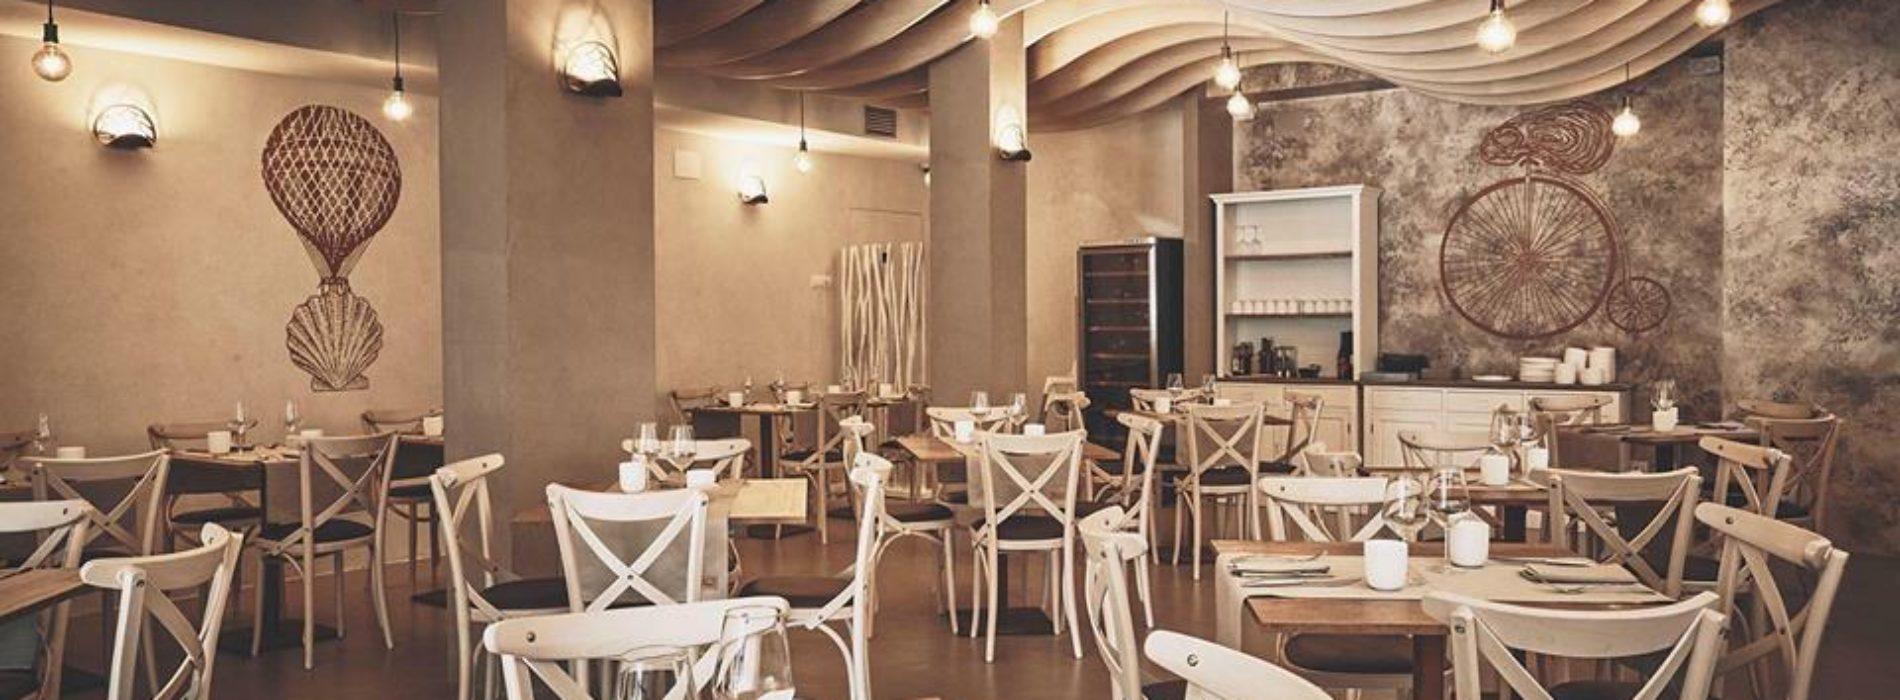 San valentino milano 2018 i migliori ristoranti per una for Milano migliori ristoranti